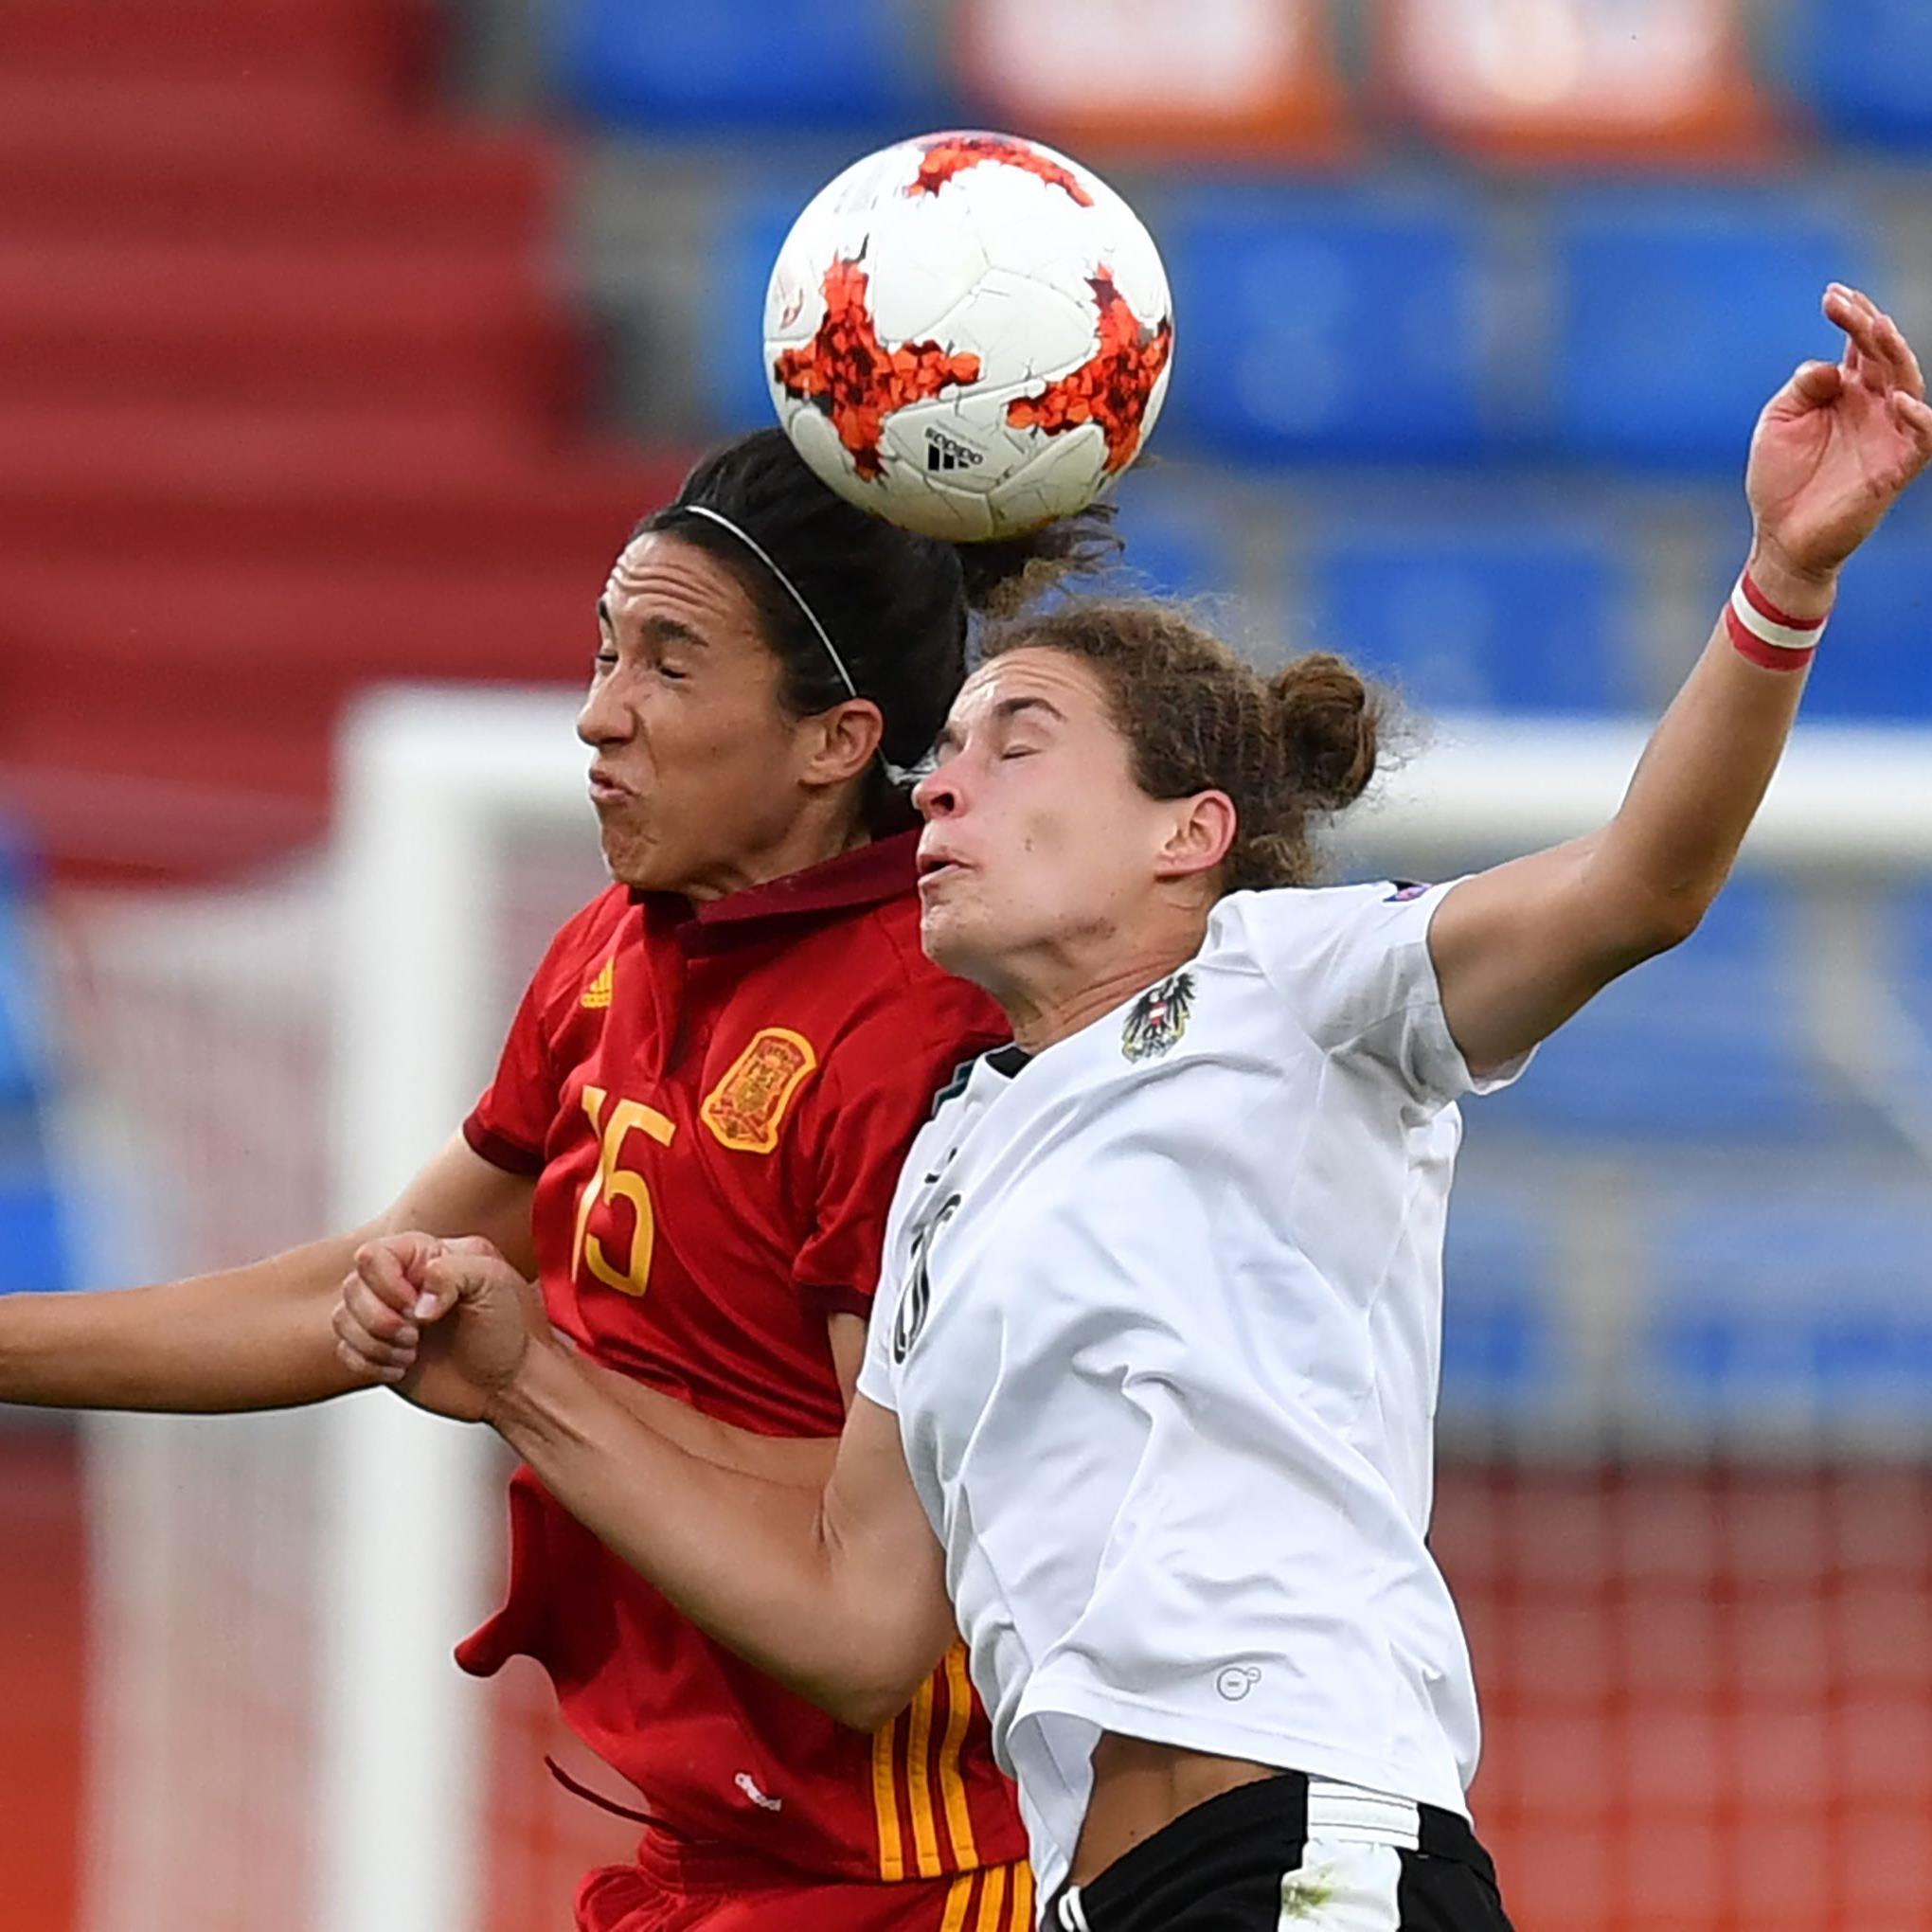 Die ÖFB-Frauen haben mit einem 5:3 im Elfmeterschießen gegen Spanien das Halbfinale der EM erreicht.